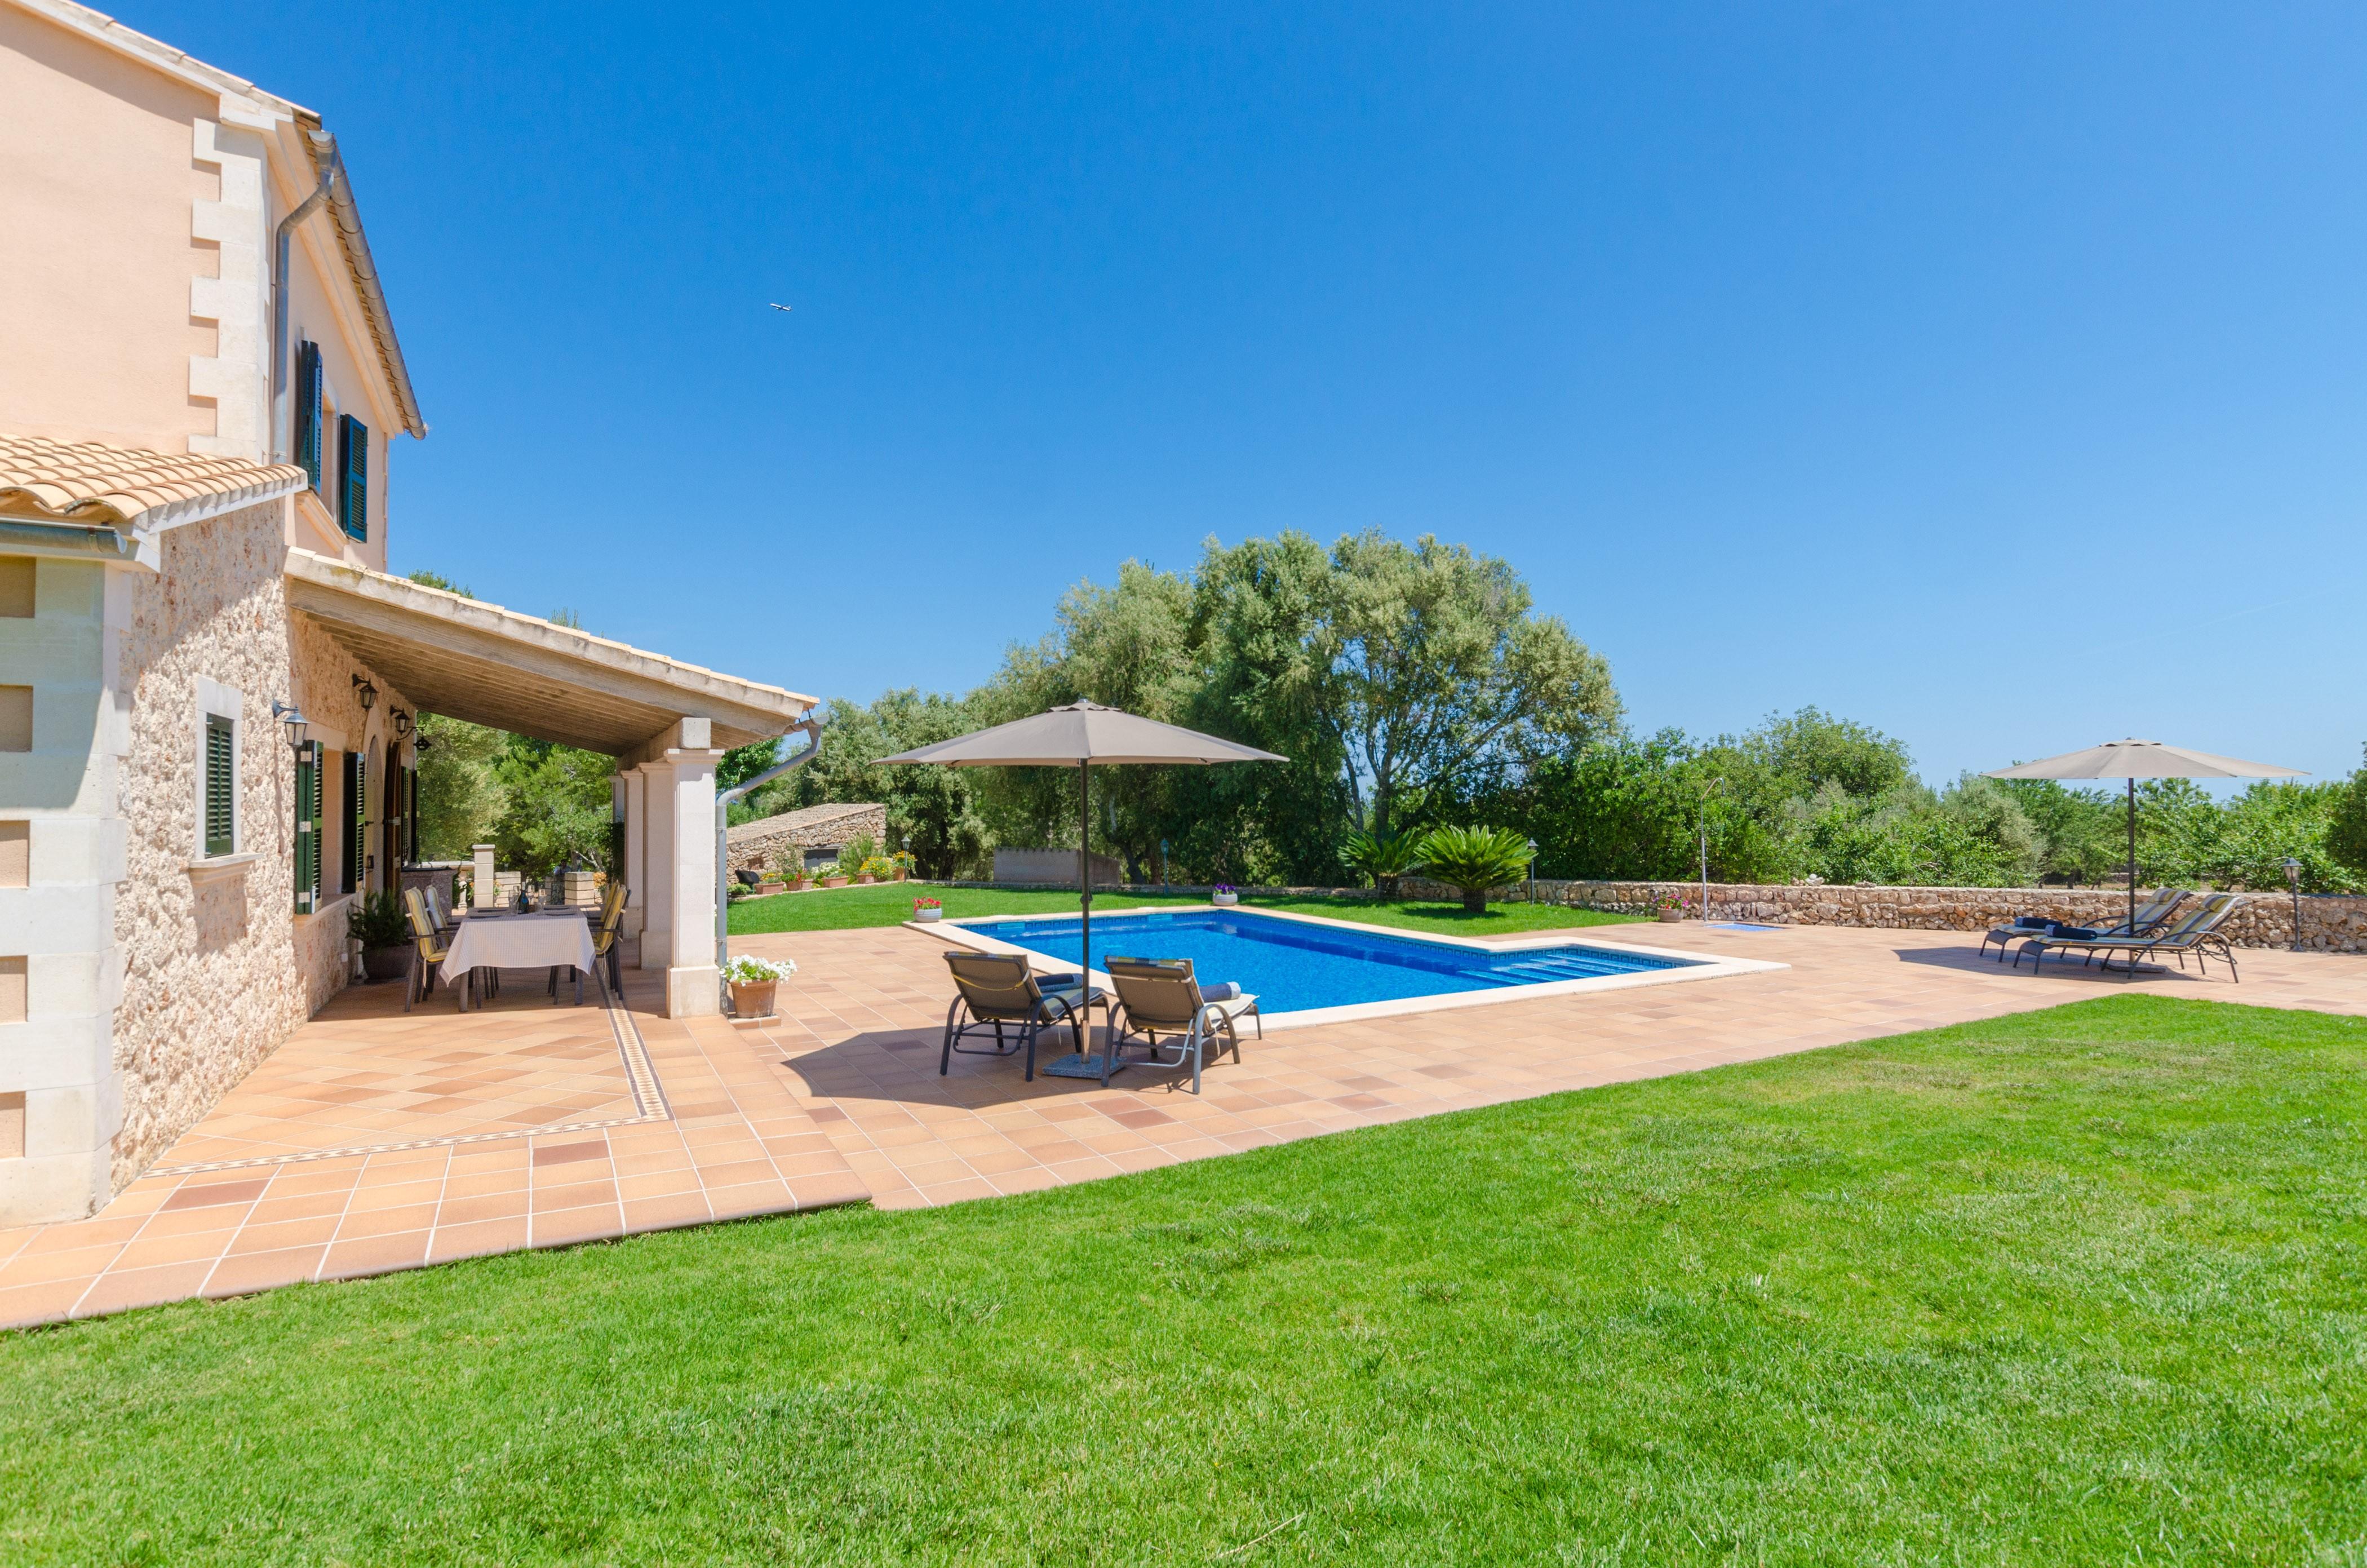 Maison de vacances ES VEDAT (2632993), Lloret de Vistalegre, Majorque, Iles Baléares, Espagne, image 43